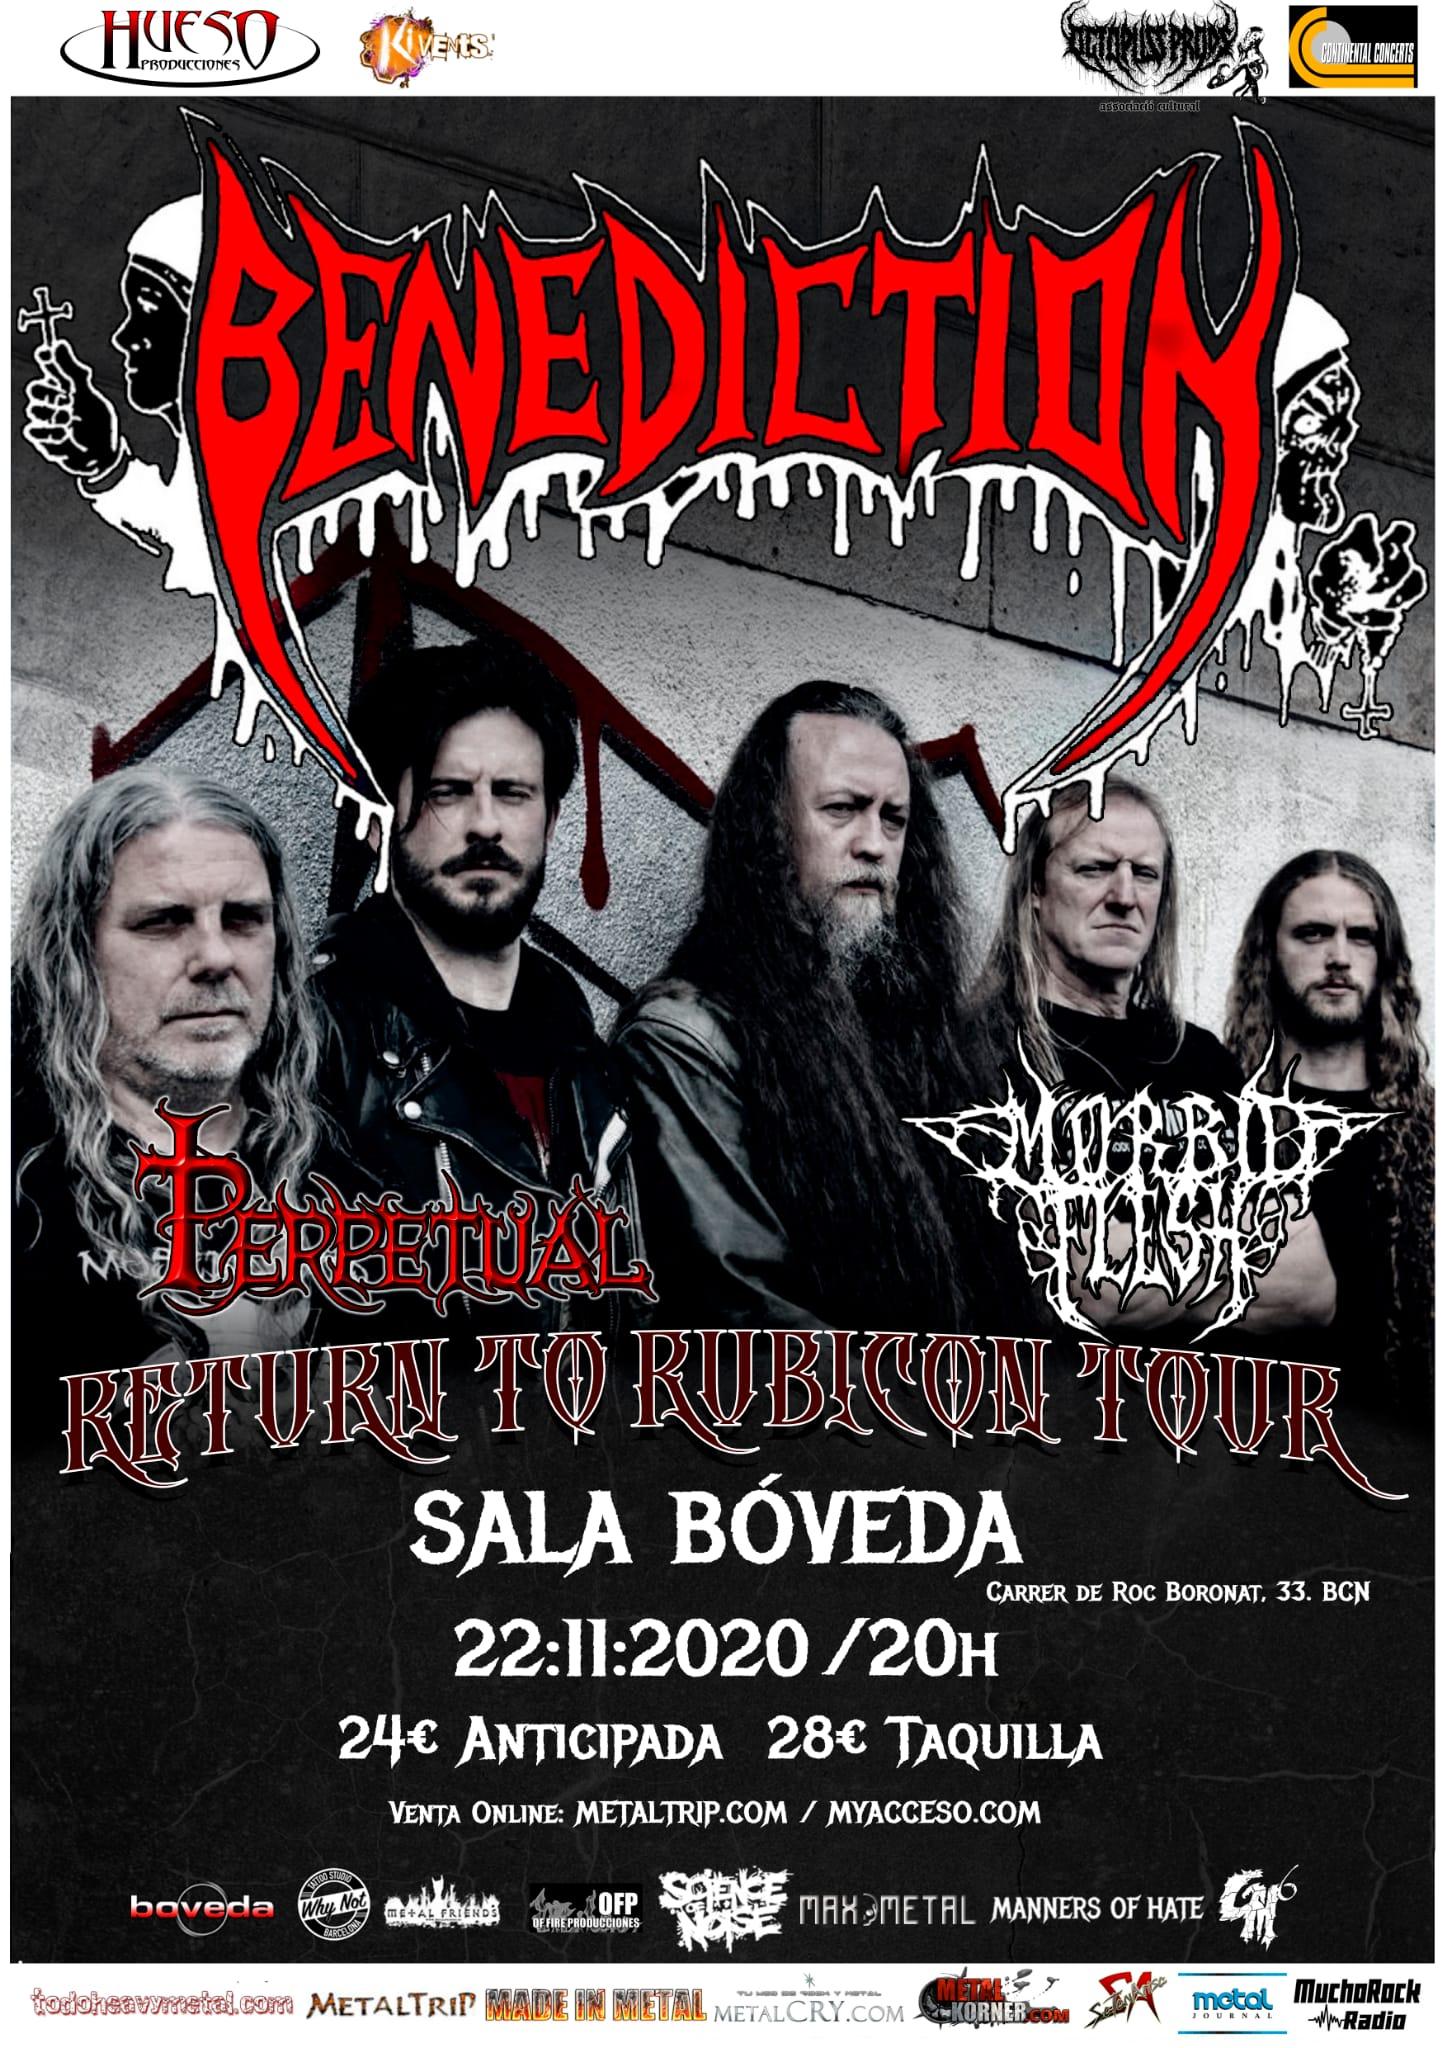 Benediction en Barcelona